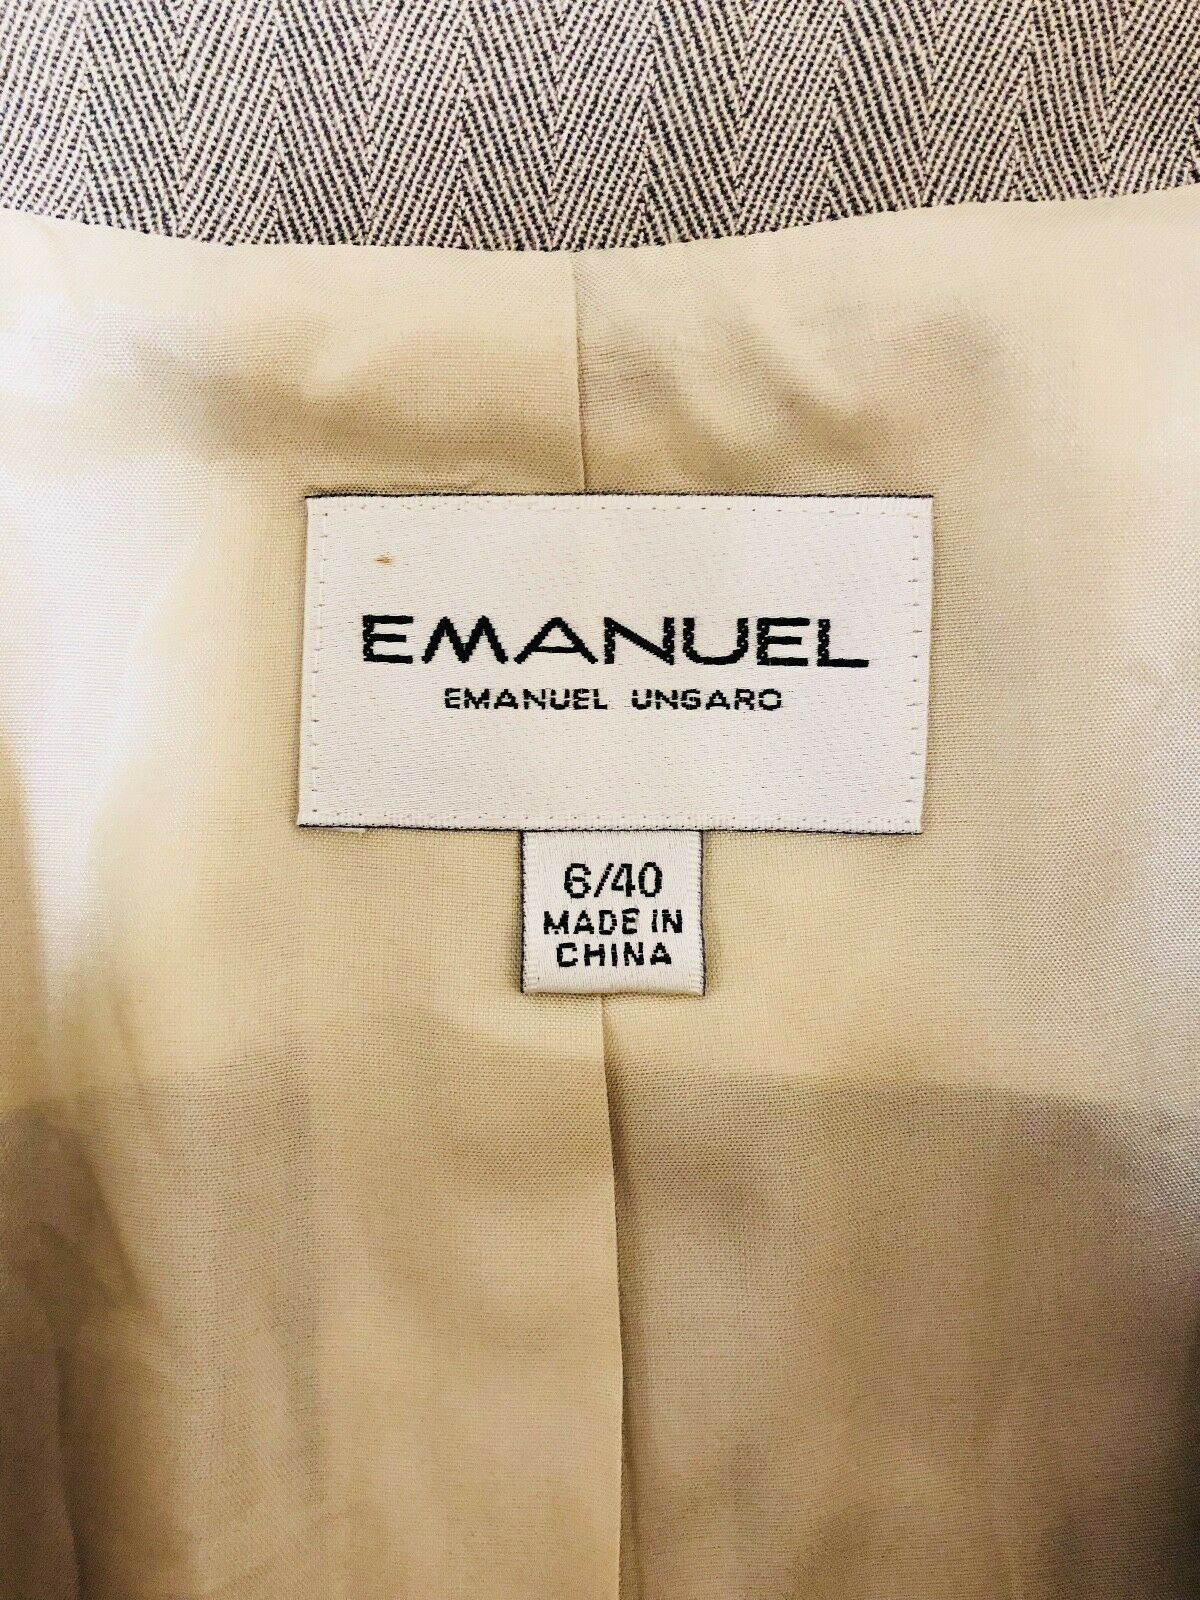 Pre-Owned Women's Emanuel Emanuel Emanuel Ungaro Blazer, Tan, Sz 6 40 1c9860